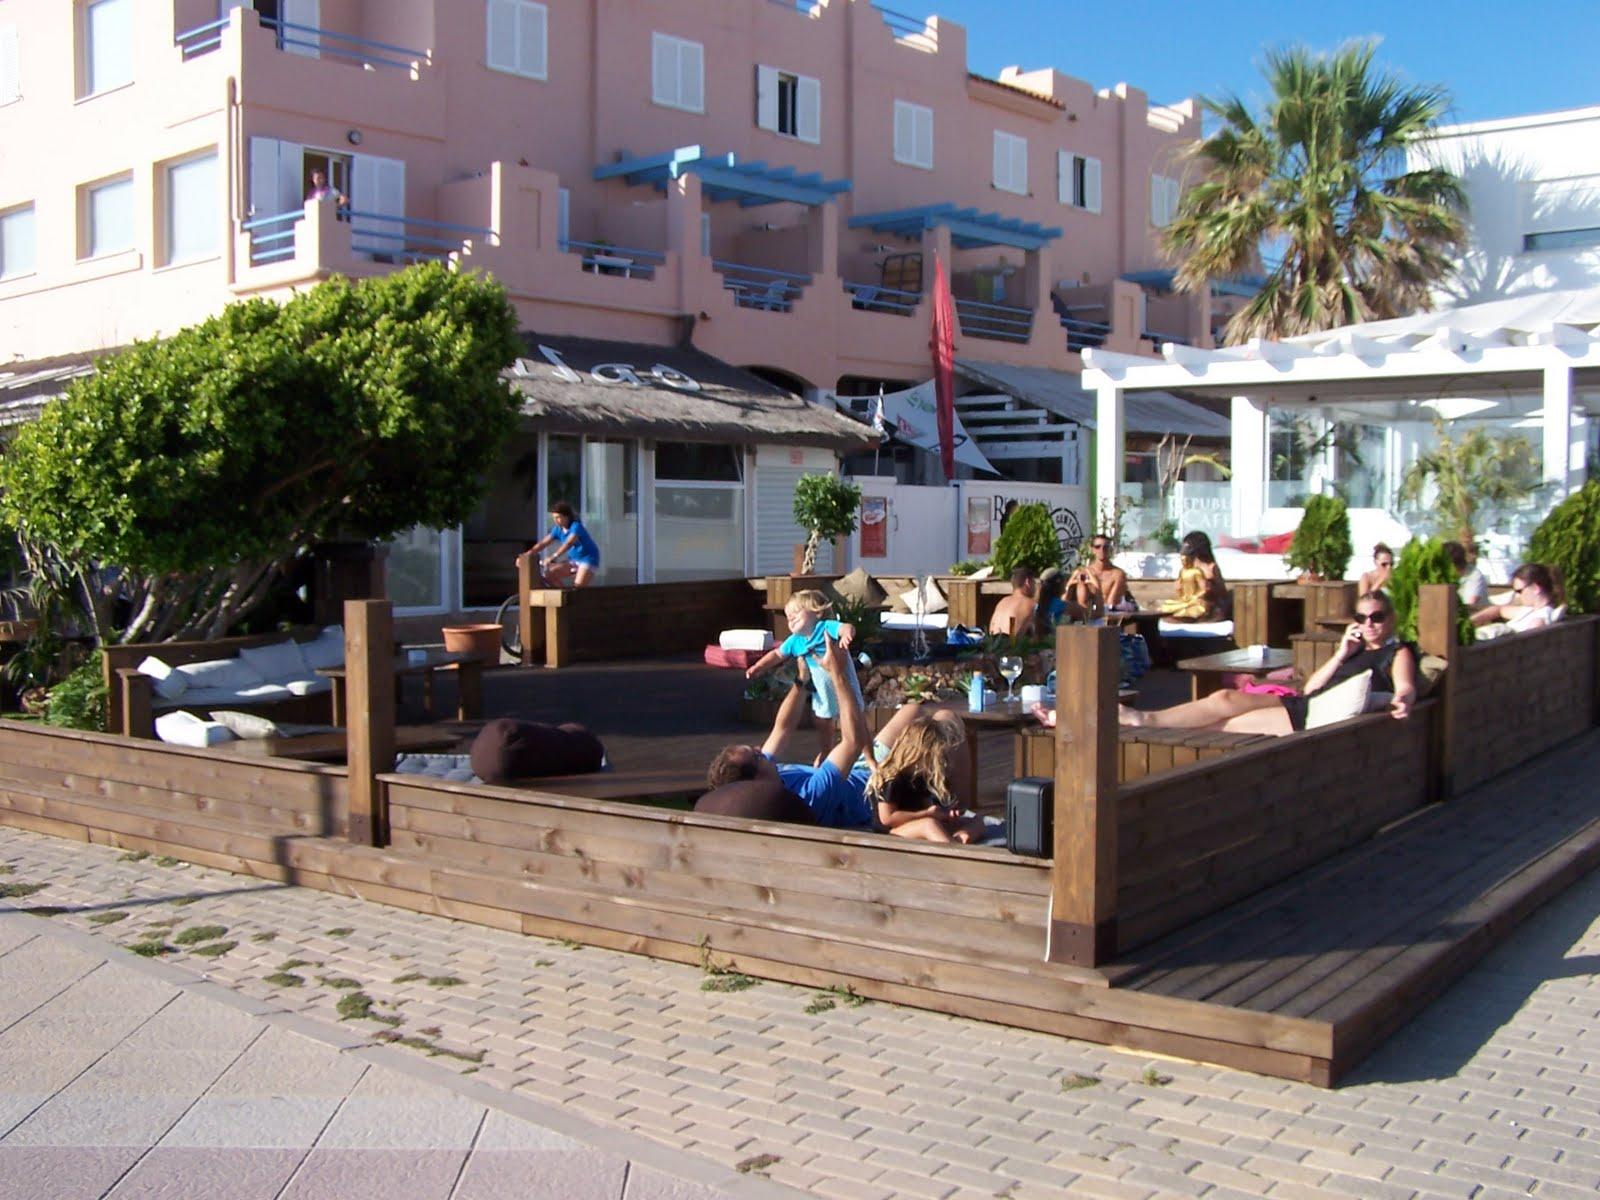 Las terrazas y la ley anti tabaco en tarifa tarifa bonita - Terrazas bonitas ...